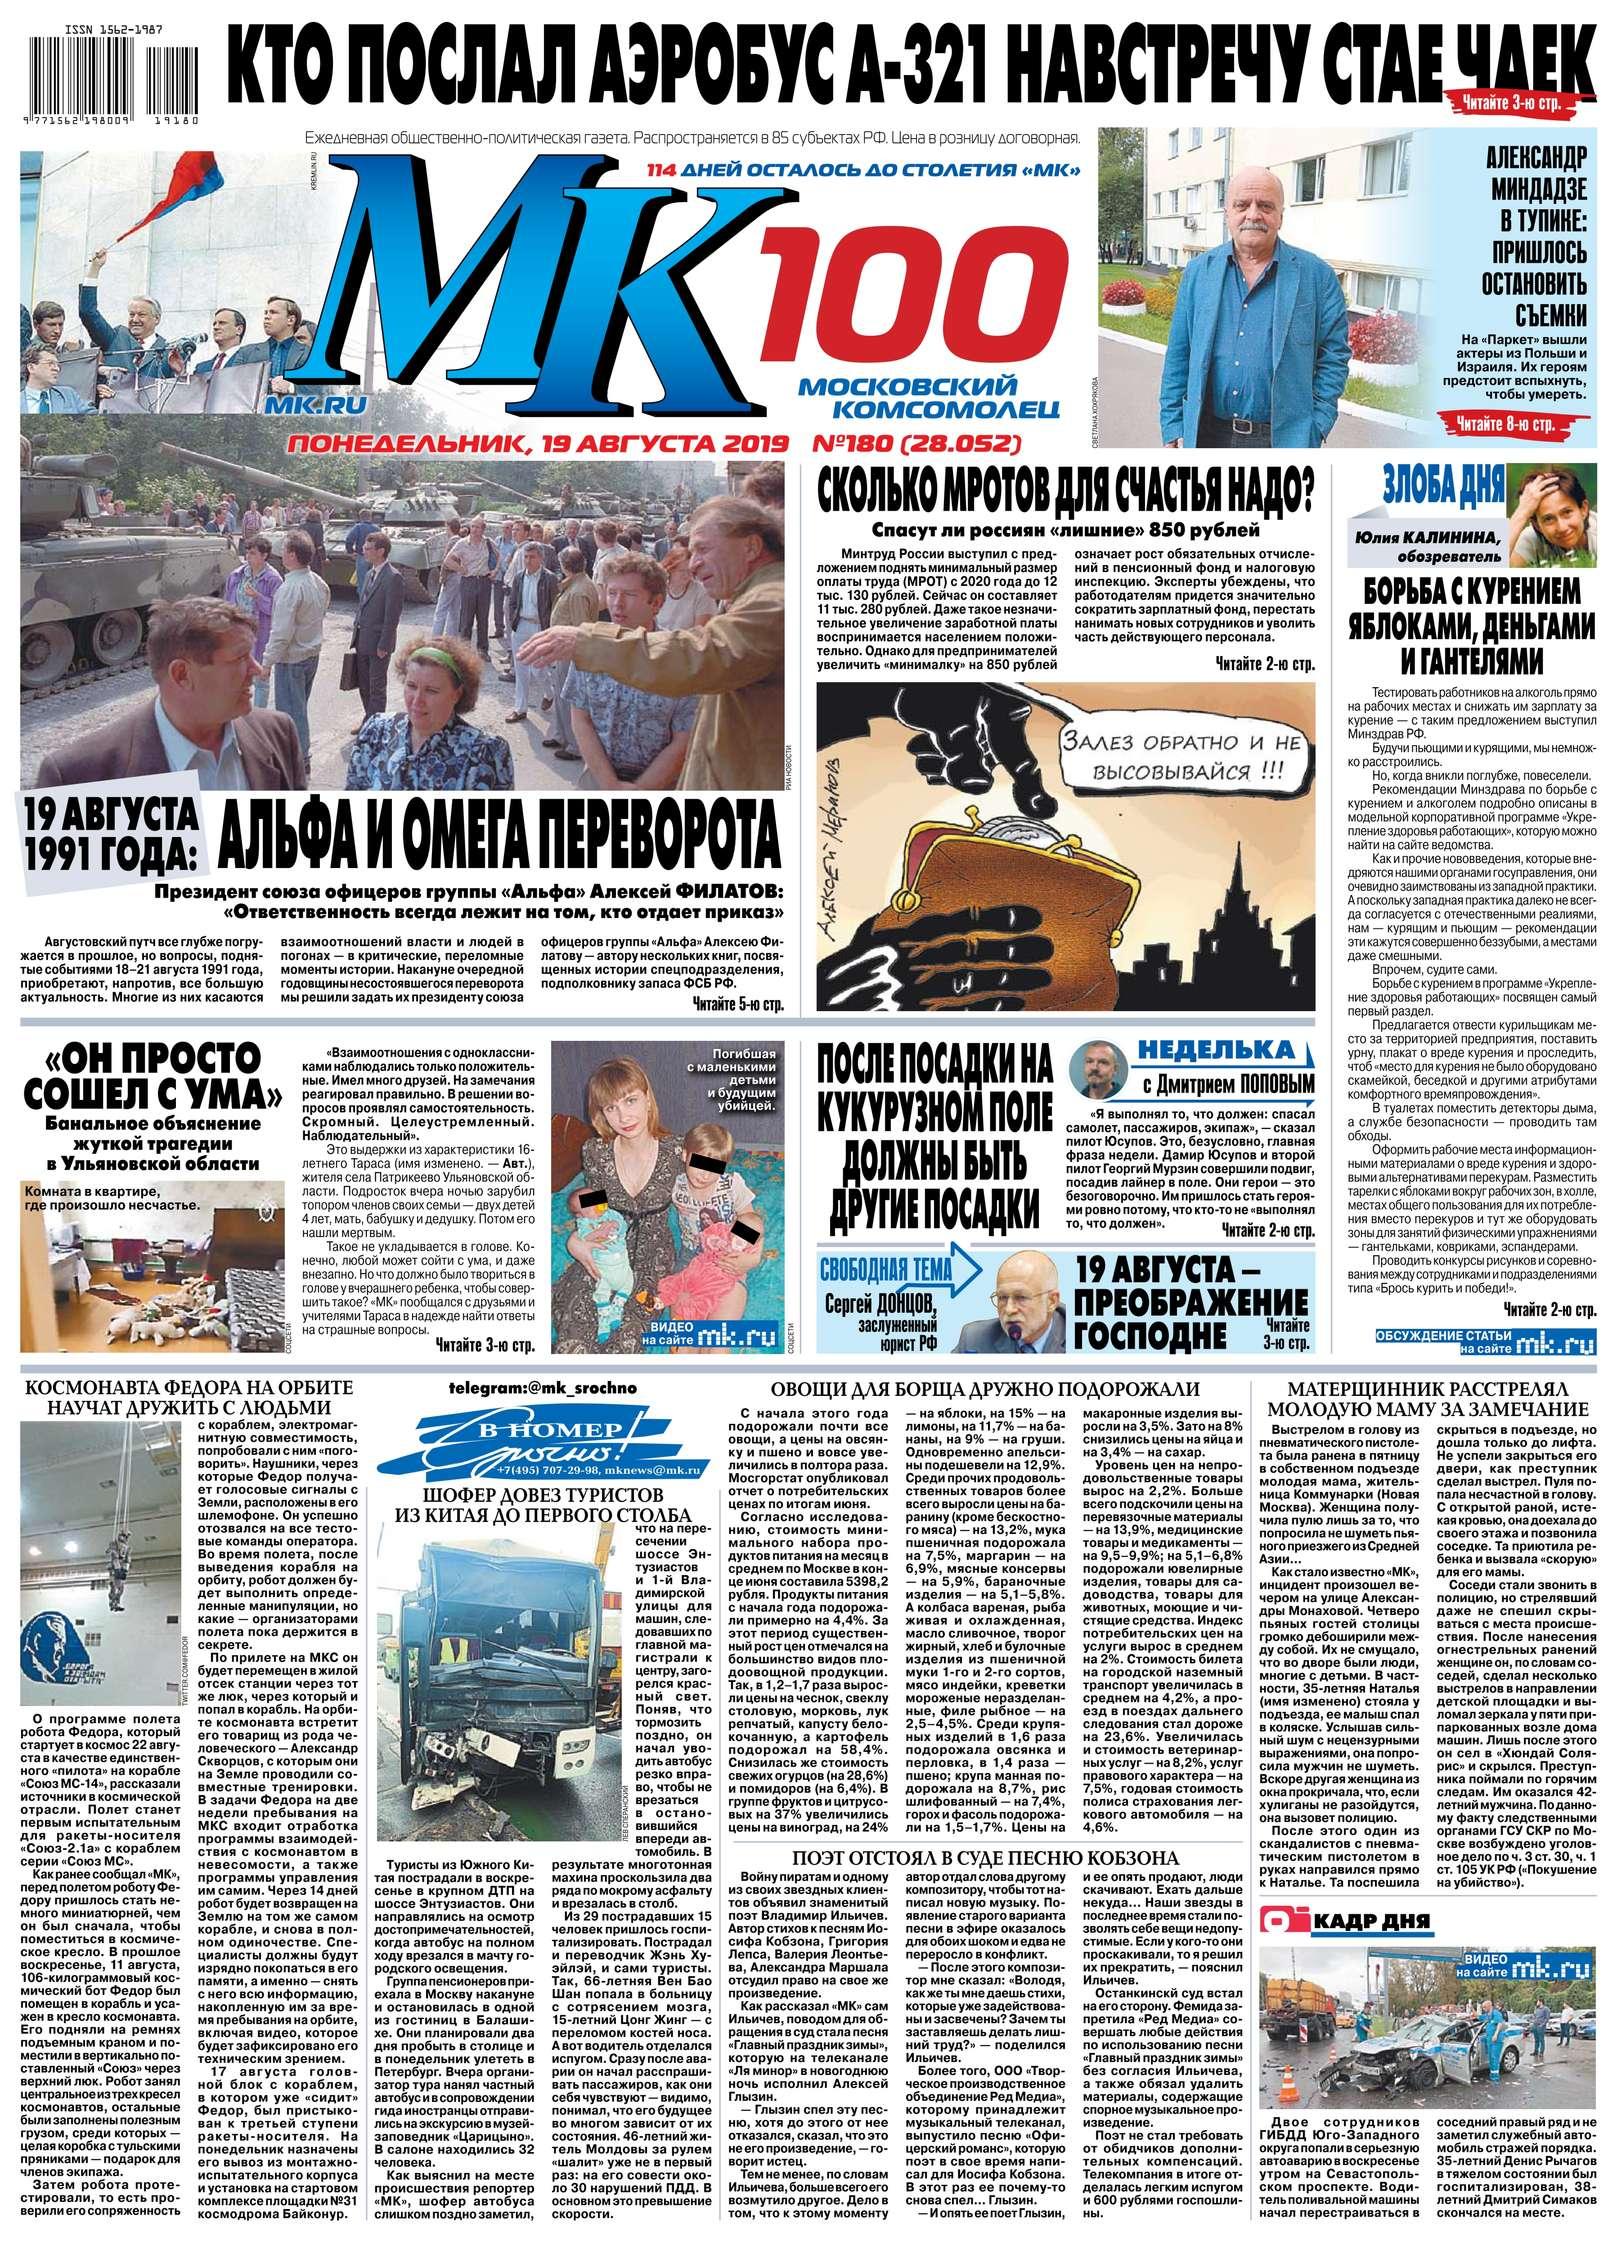 МК Московский Комсомолец 180-2019